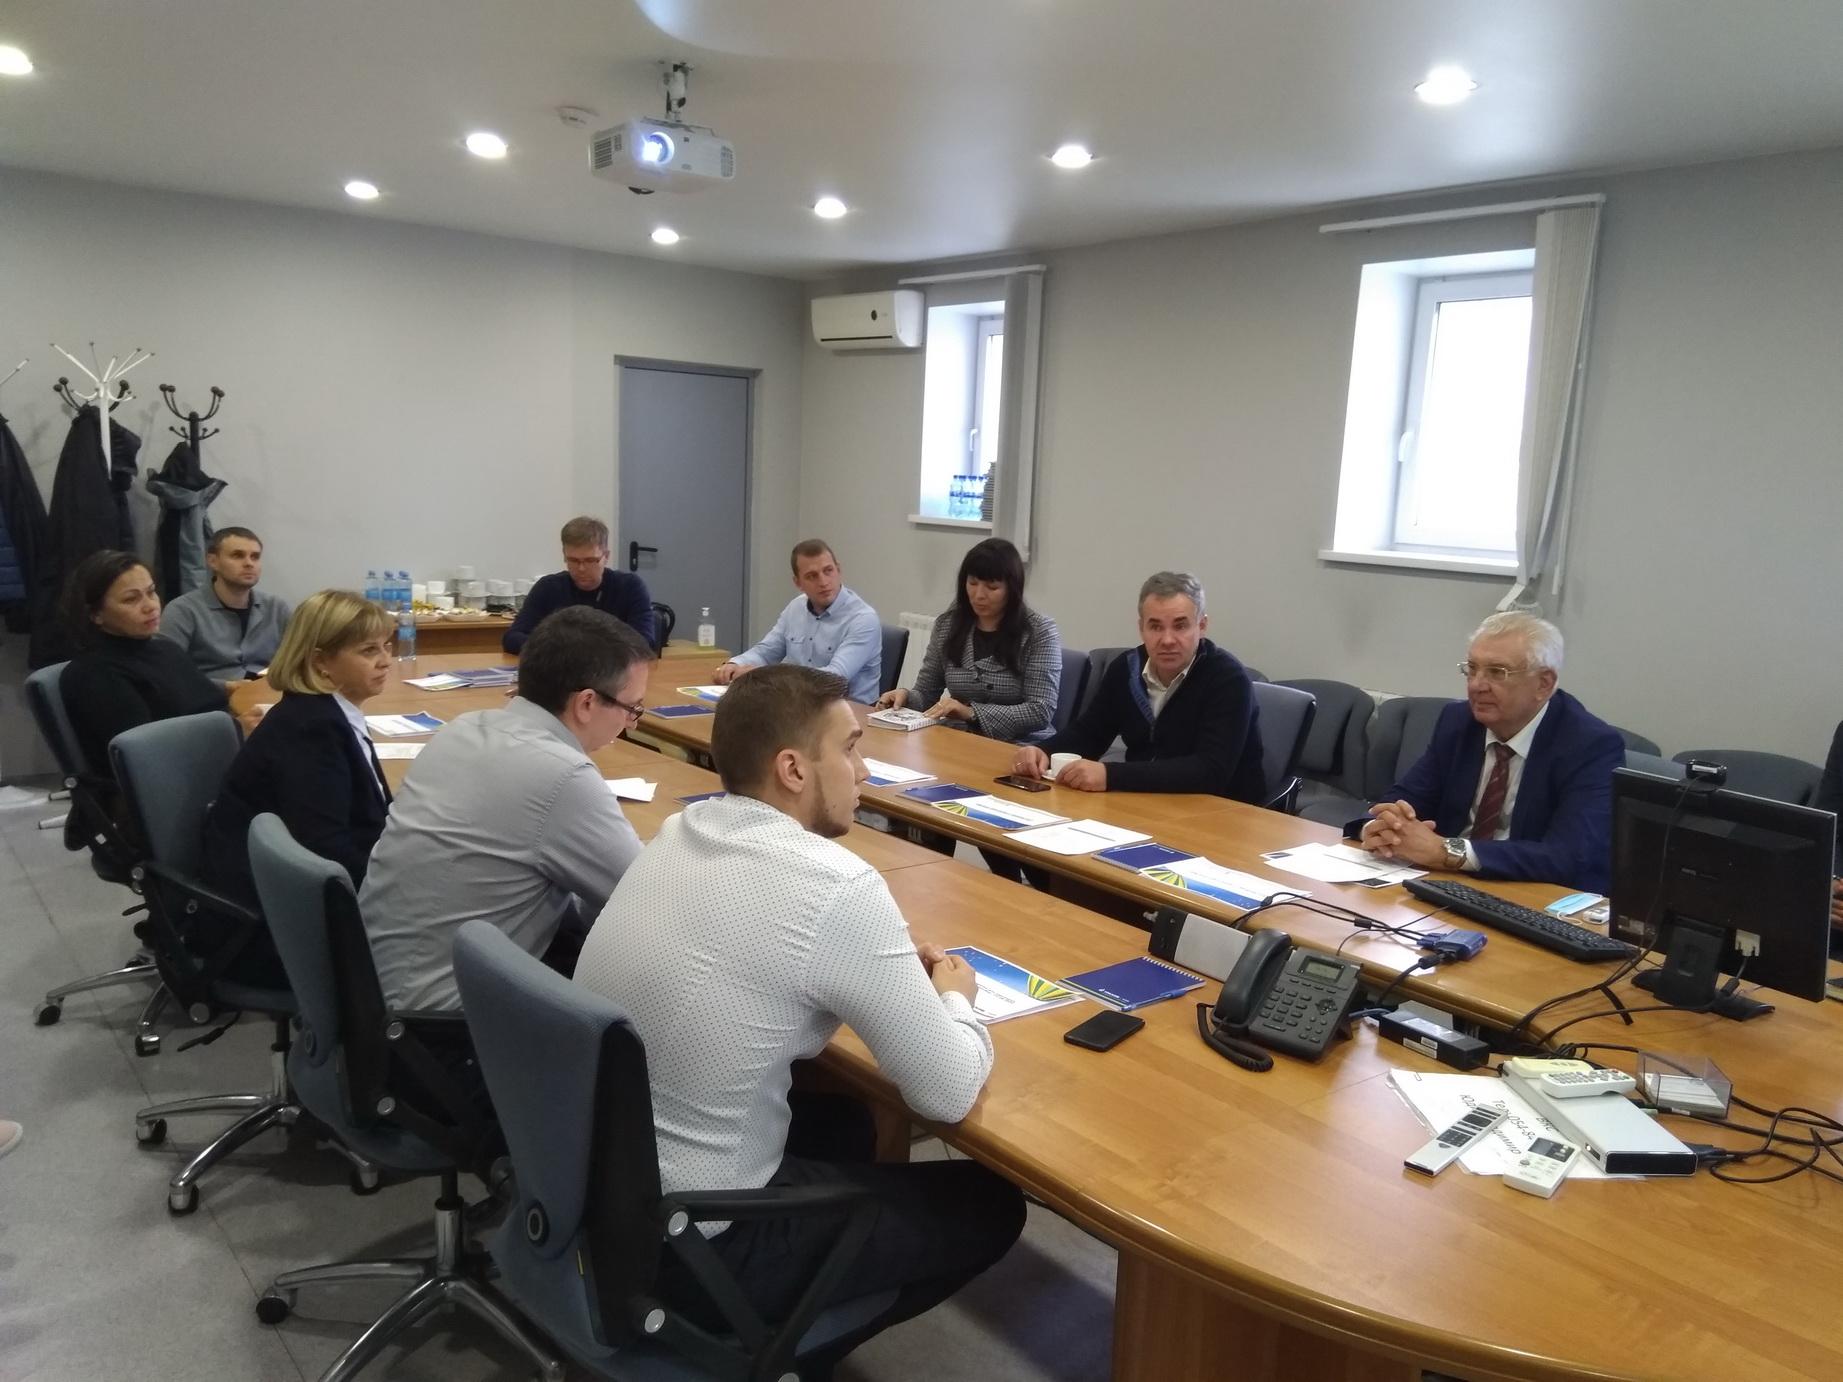 Банк УРАЛСИБ провел в Екатеринбурге встречу с представителями партнерской сети малого бизнеса